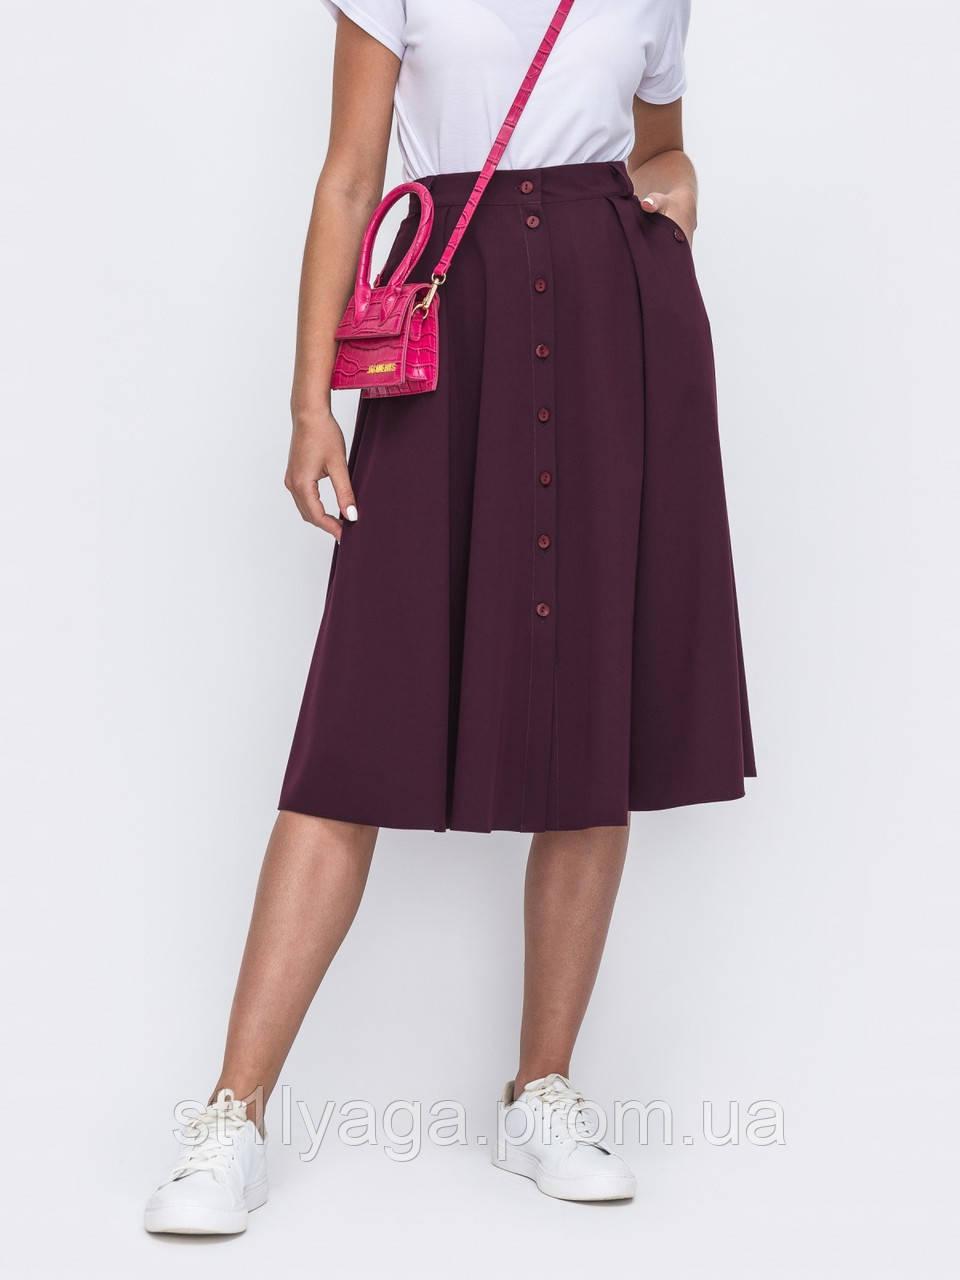 Расклешенная  юбка на застежке пуговицы